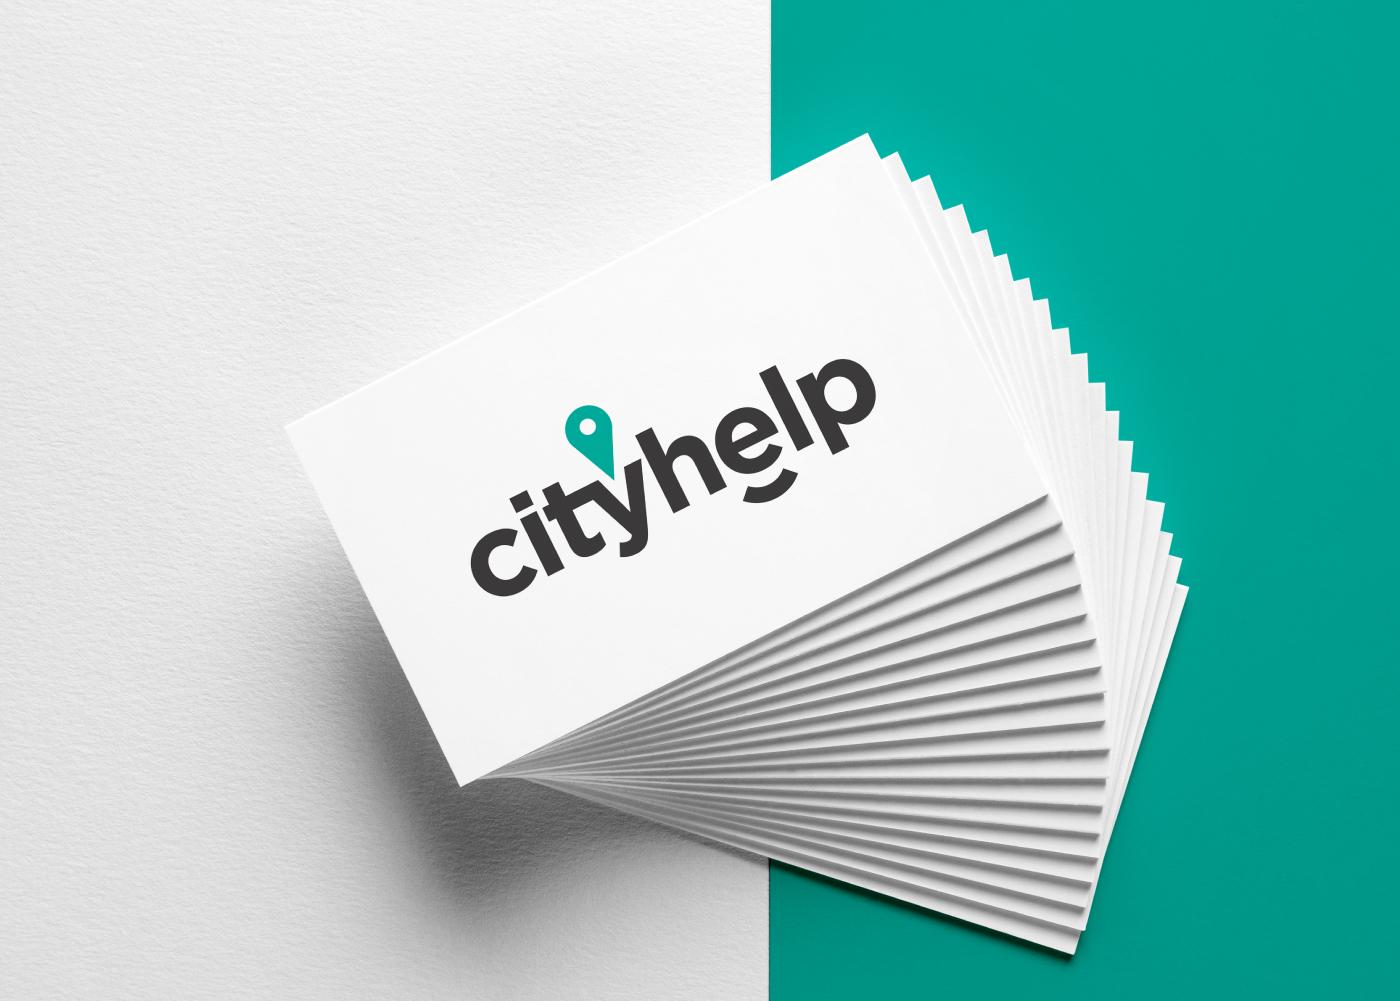 cityhelp-marca-logotipo-tarjetas